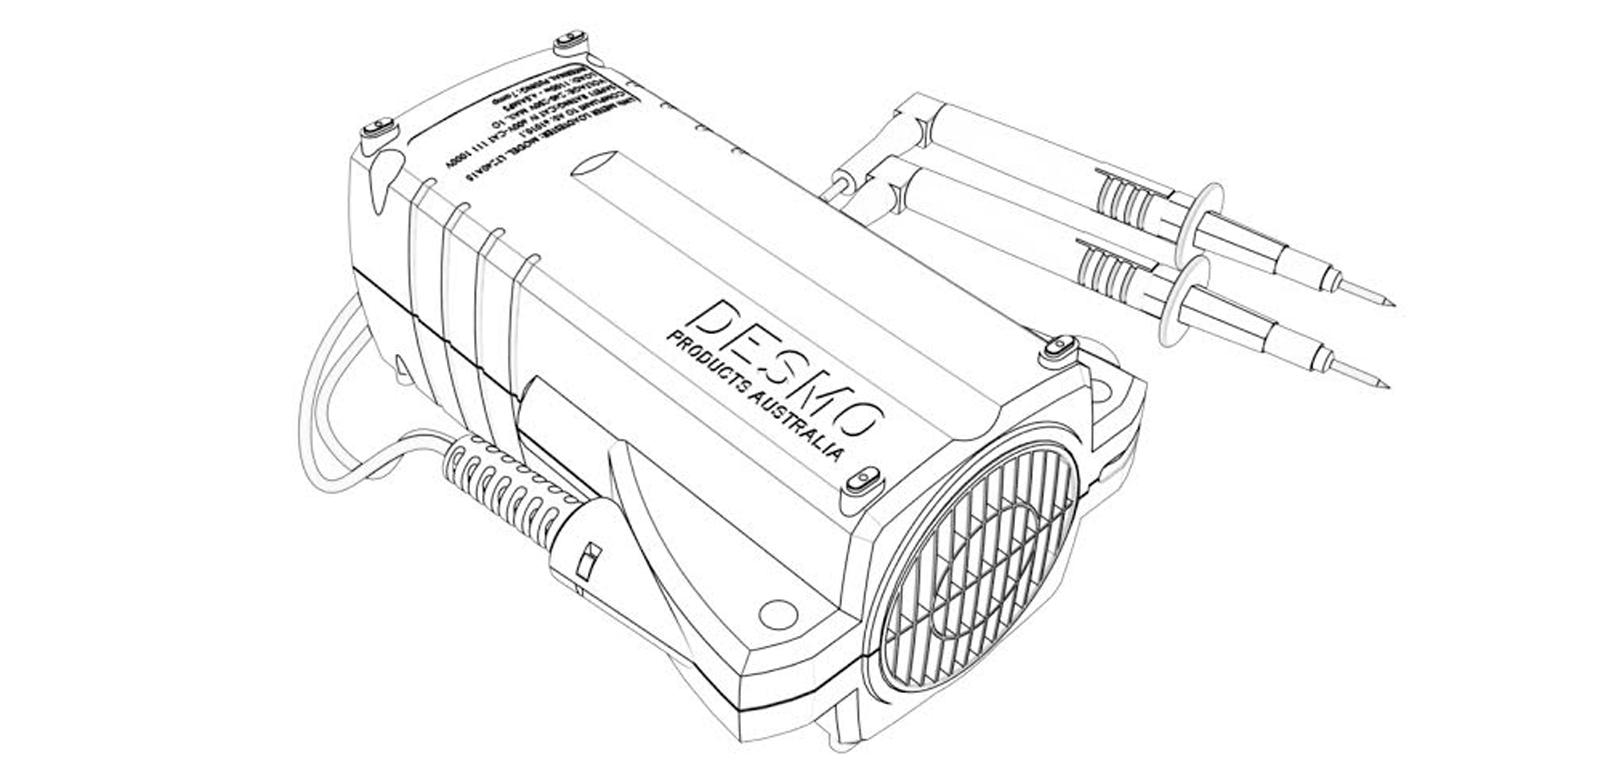 Cat IV 600V Single Phase Loadtester